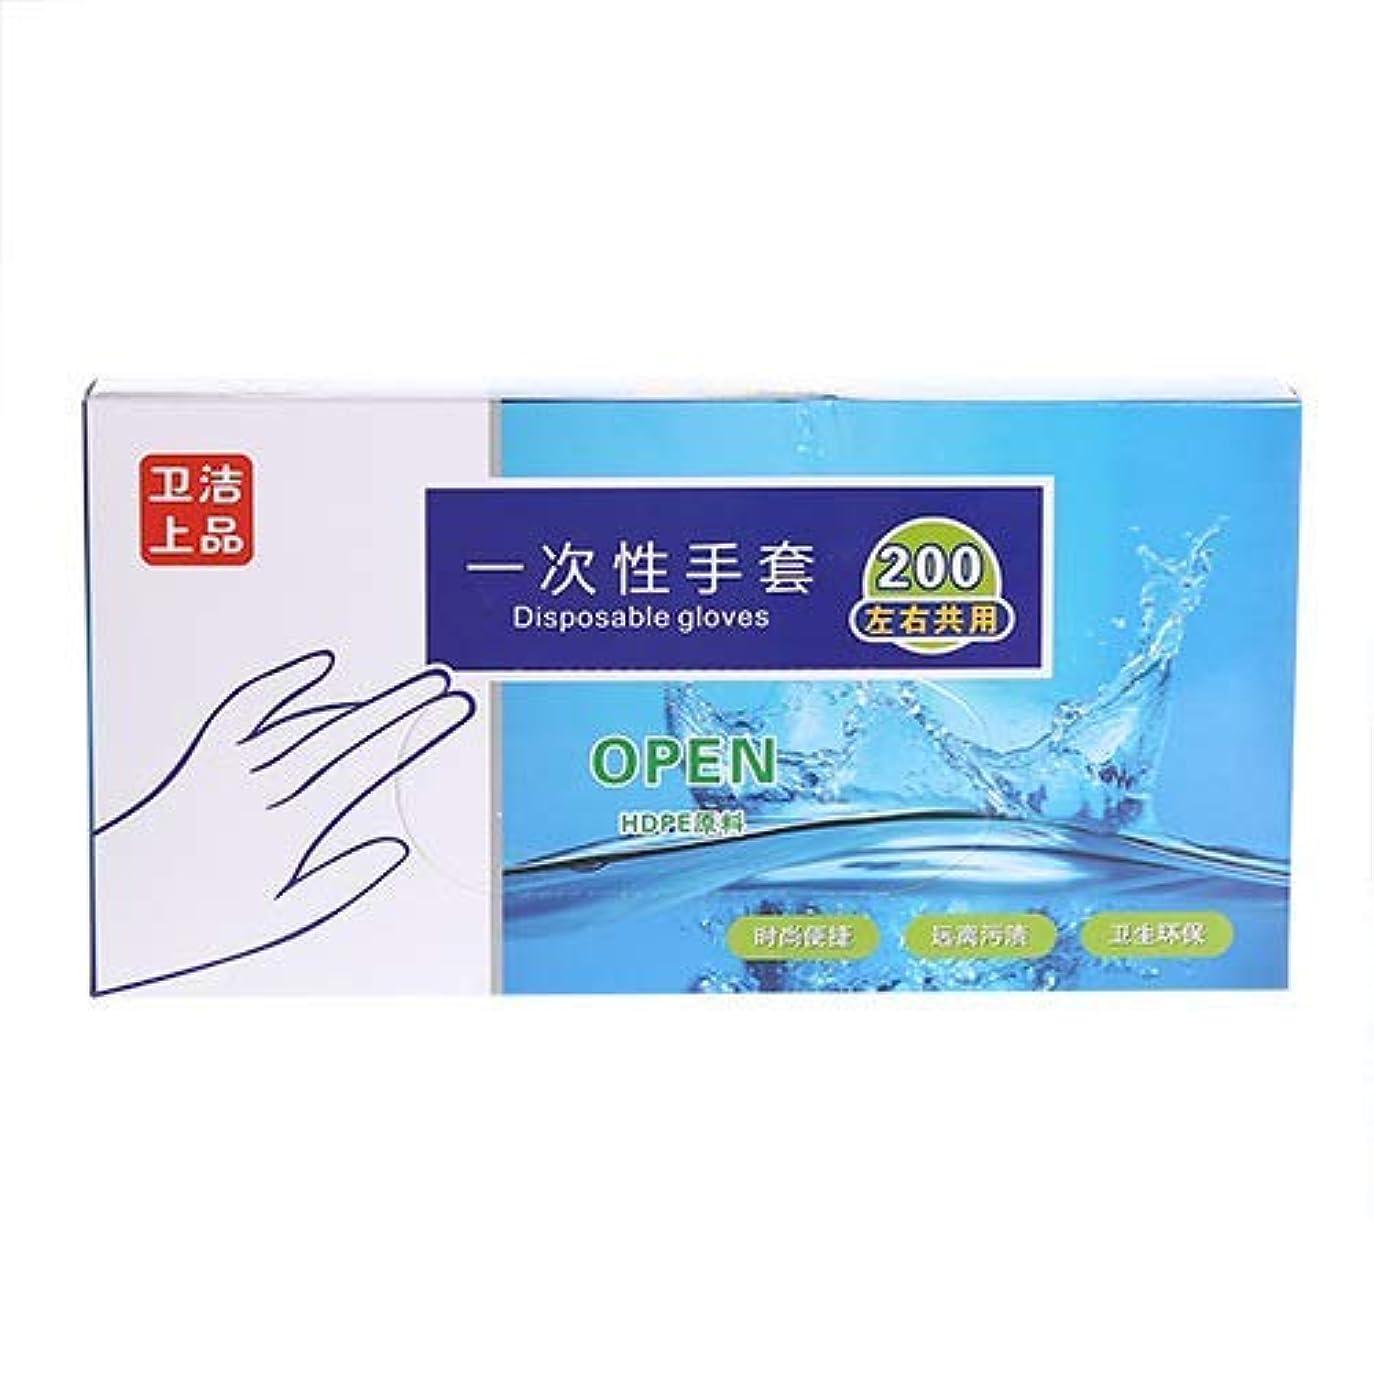 明らかにするパプアニューギニアコールド使い捨て手袋 ニトリルグローブ ホワイト 粉なし 100枚入り /200枚入り